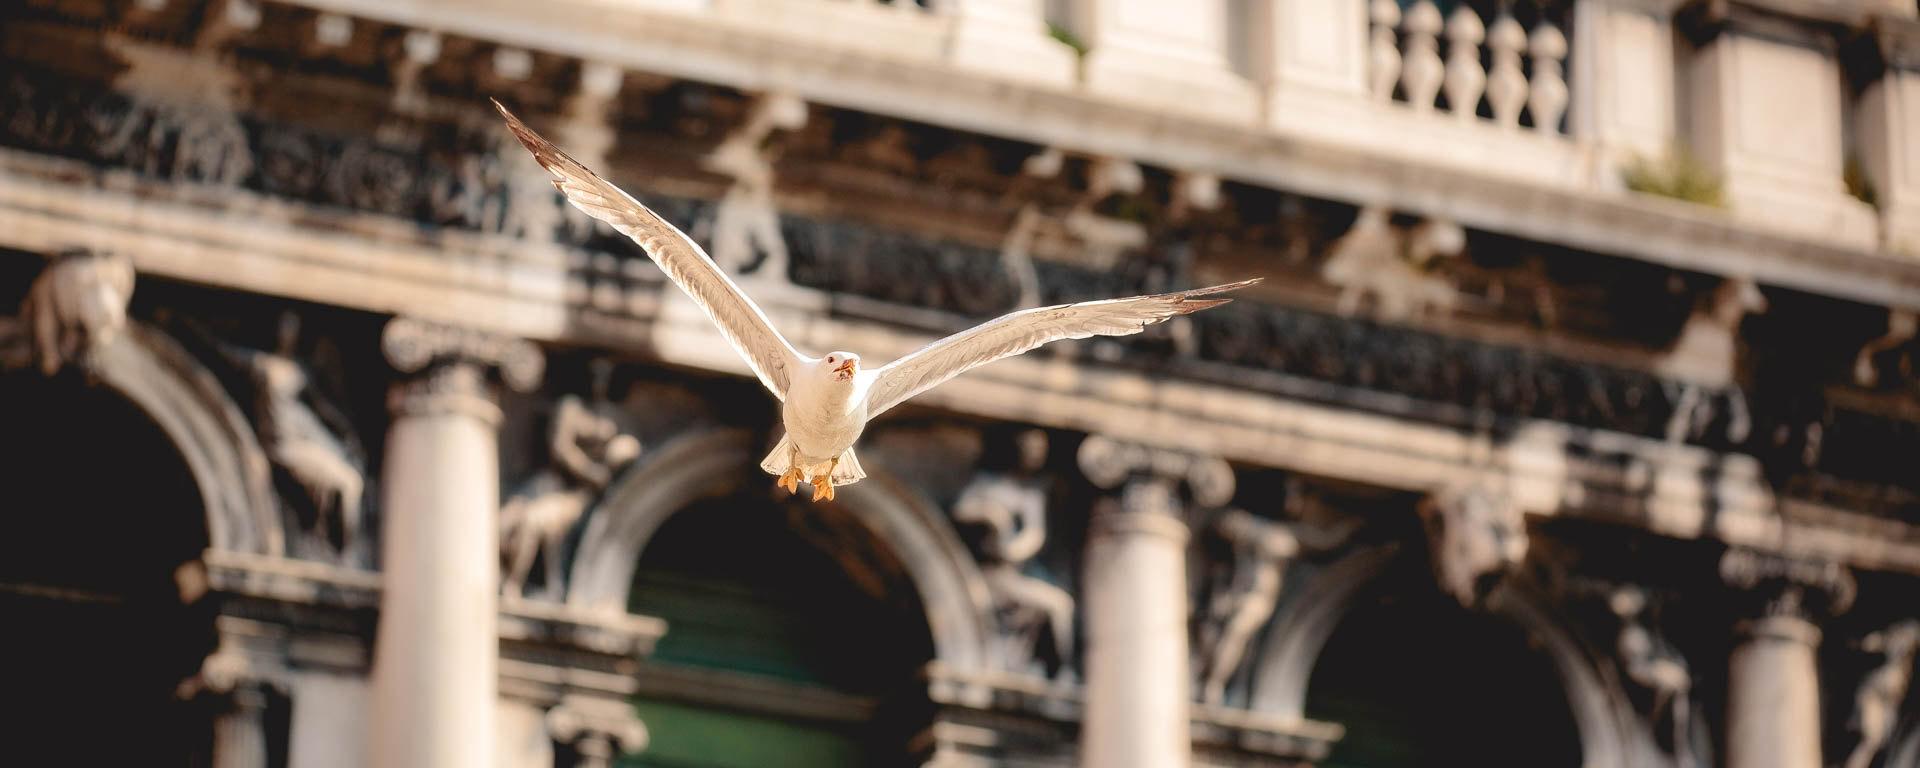 Möwe fliegt über den Markusplatz mit weissen Marmorfassaden im Hintergrund, Beitragsbild für Blogartikel